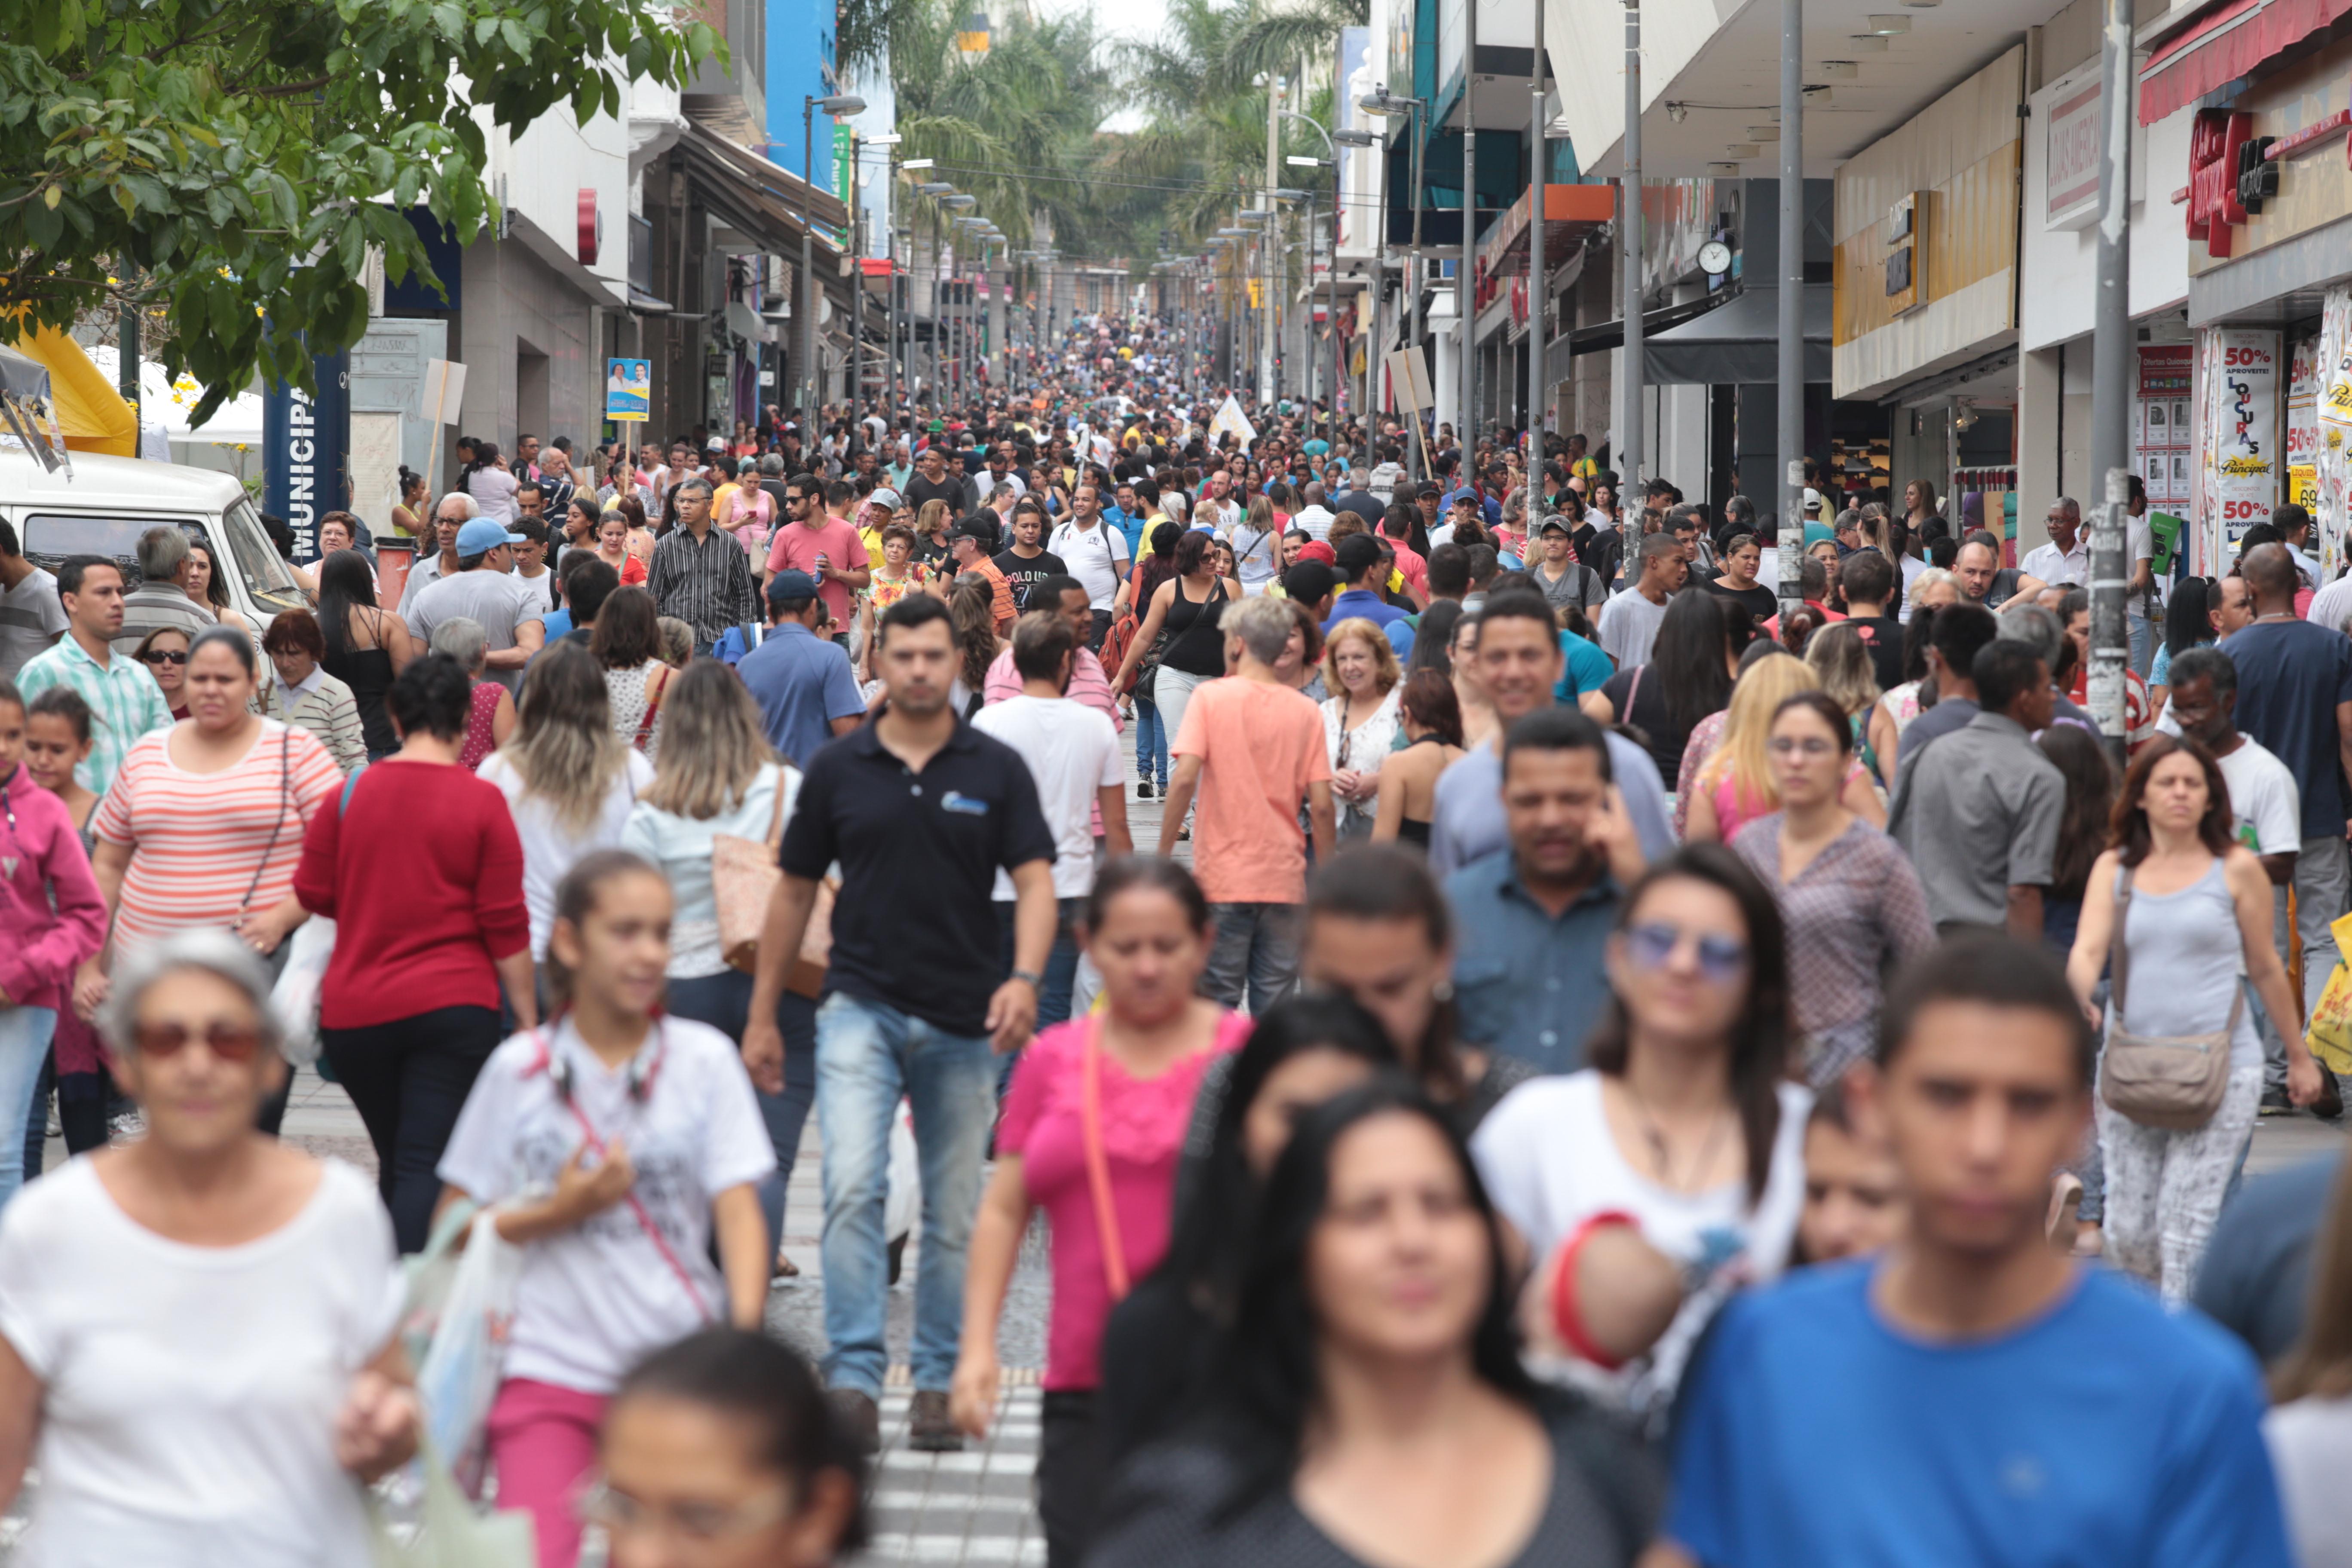 Comércio prevê alta nas vendas para o Dia das Mães, aponta SindiVarejista